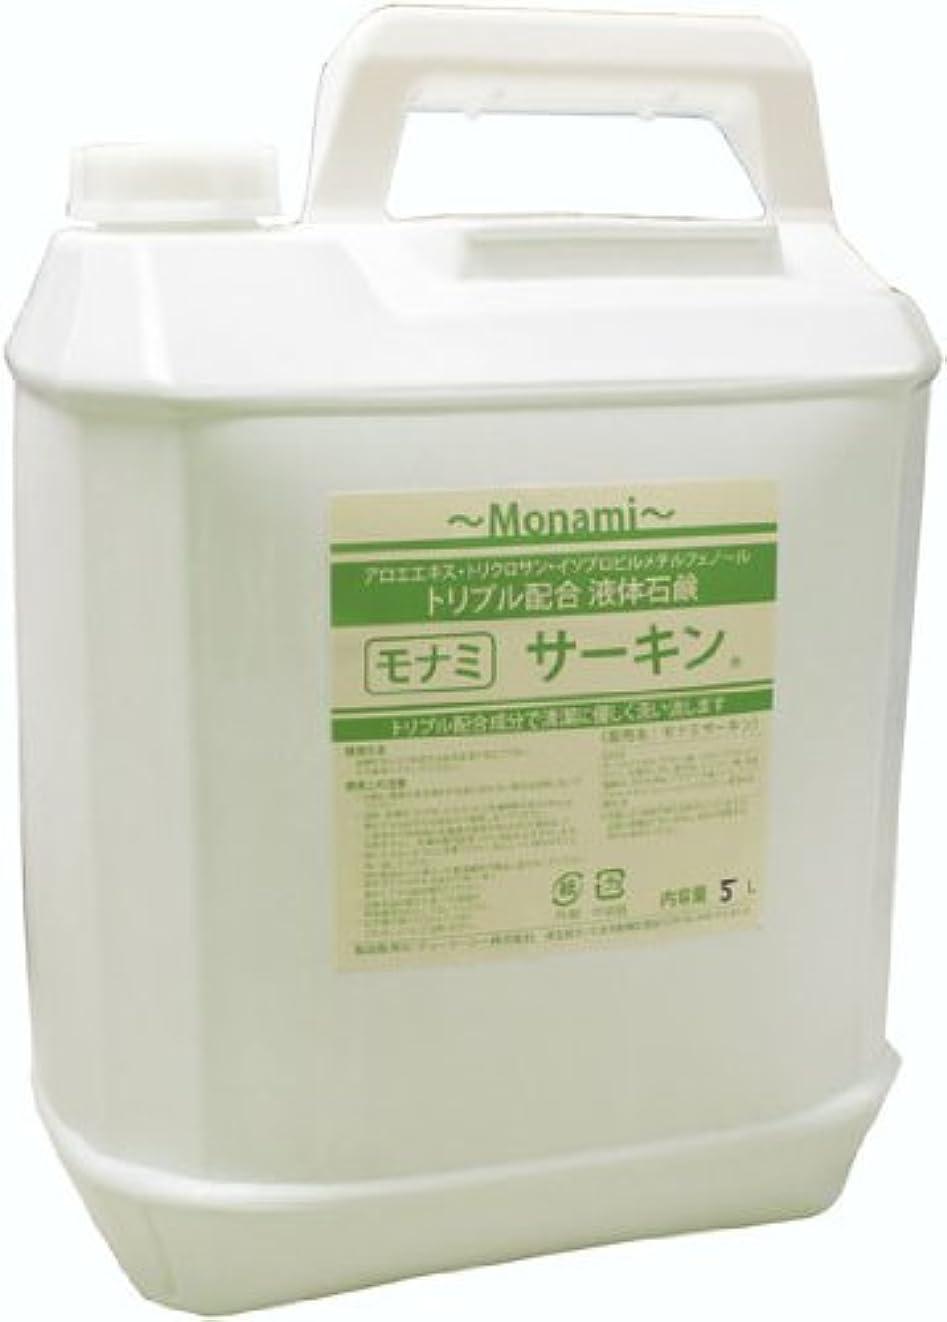 保湿剤配合業務用液体ソープ「モナミ サーキン5L」アロエエキス、トリクロサン、イソプロピルメチルフェノール配合